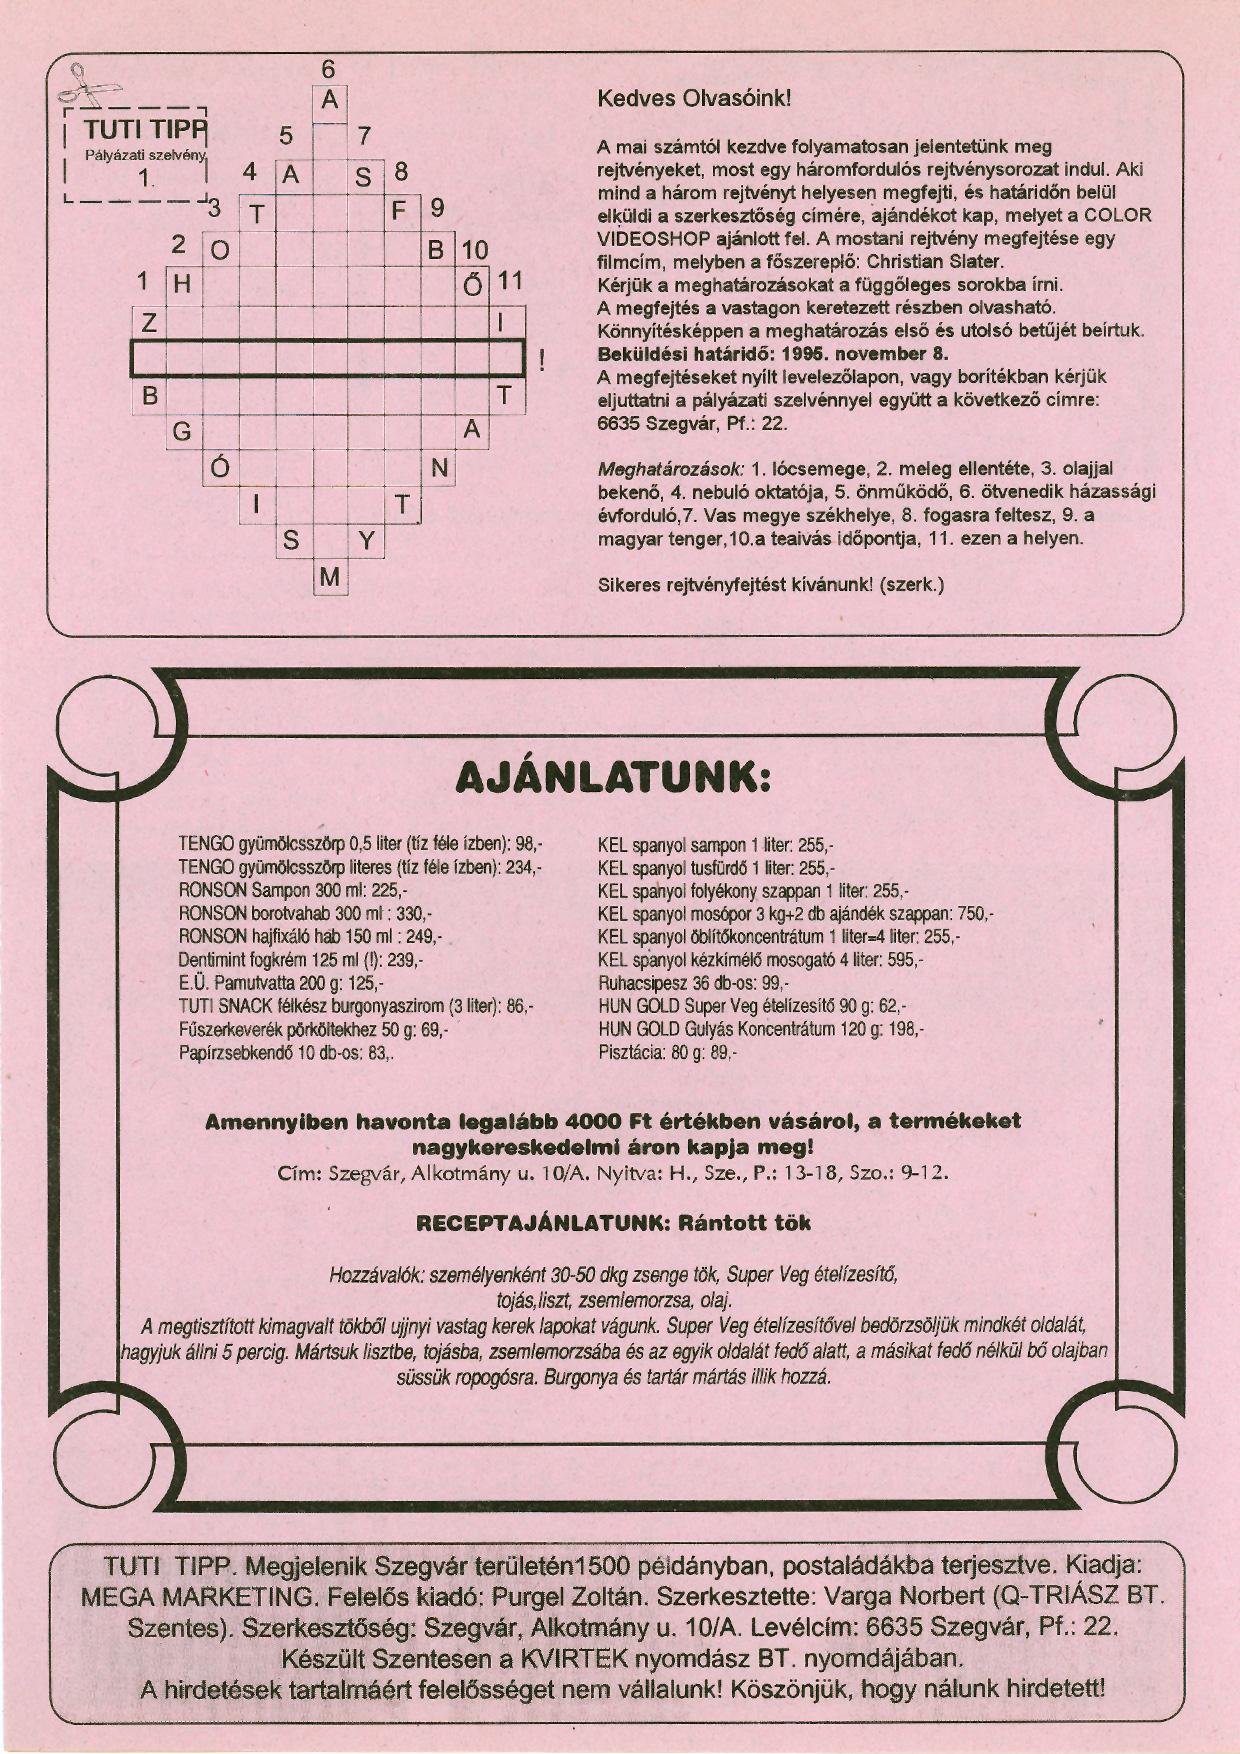 010 Tuti Tipp reklámújság - 19950930-004. lapszám -4.oldal - I. évfolyam.jpg